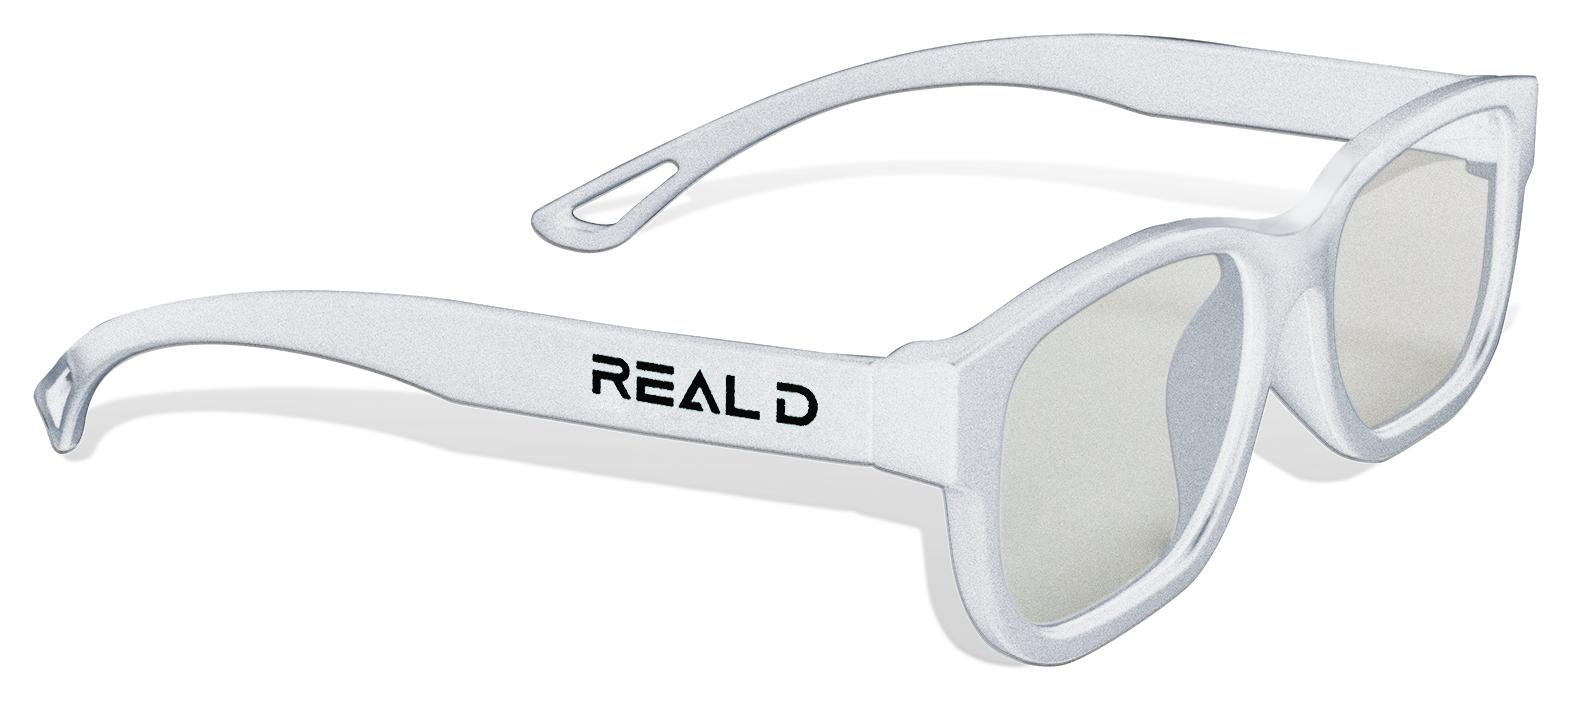 White_3D_Real_D_Glasses.jpg